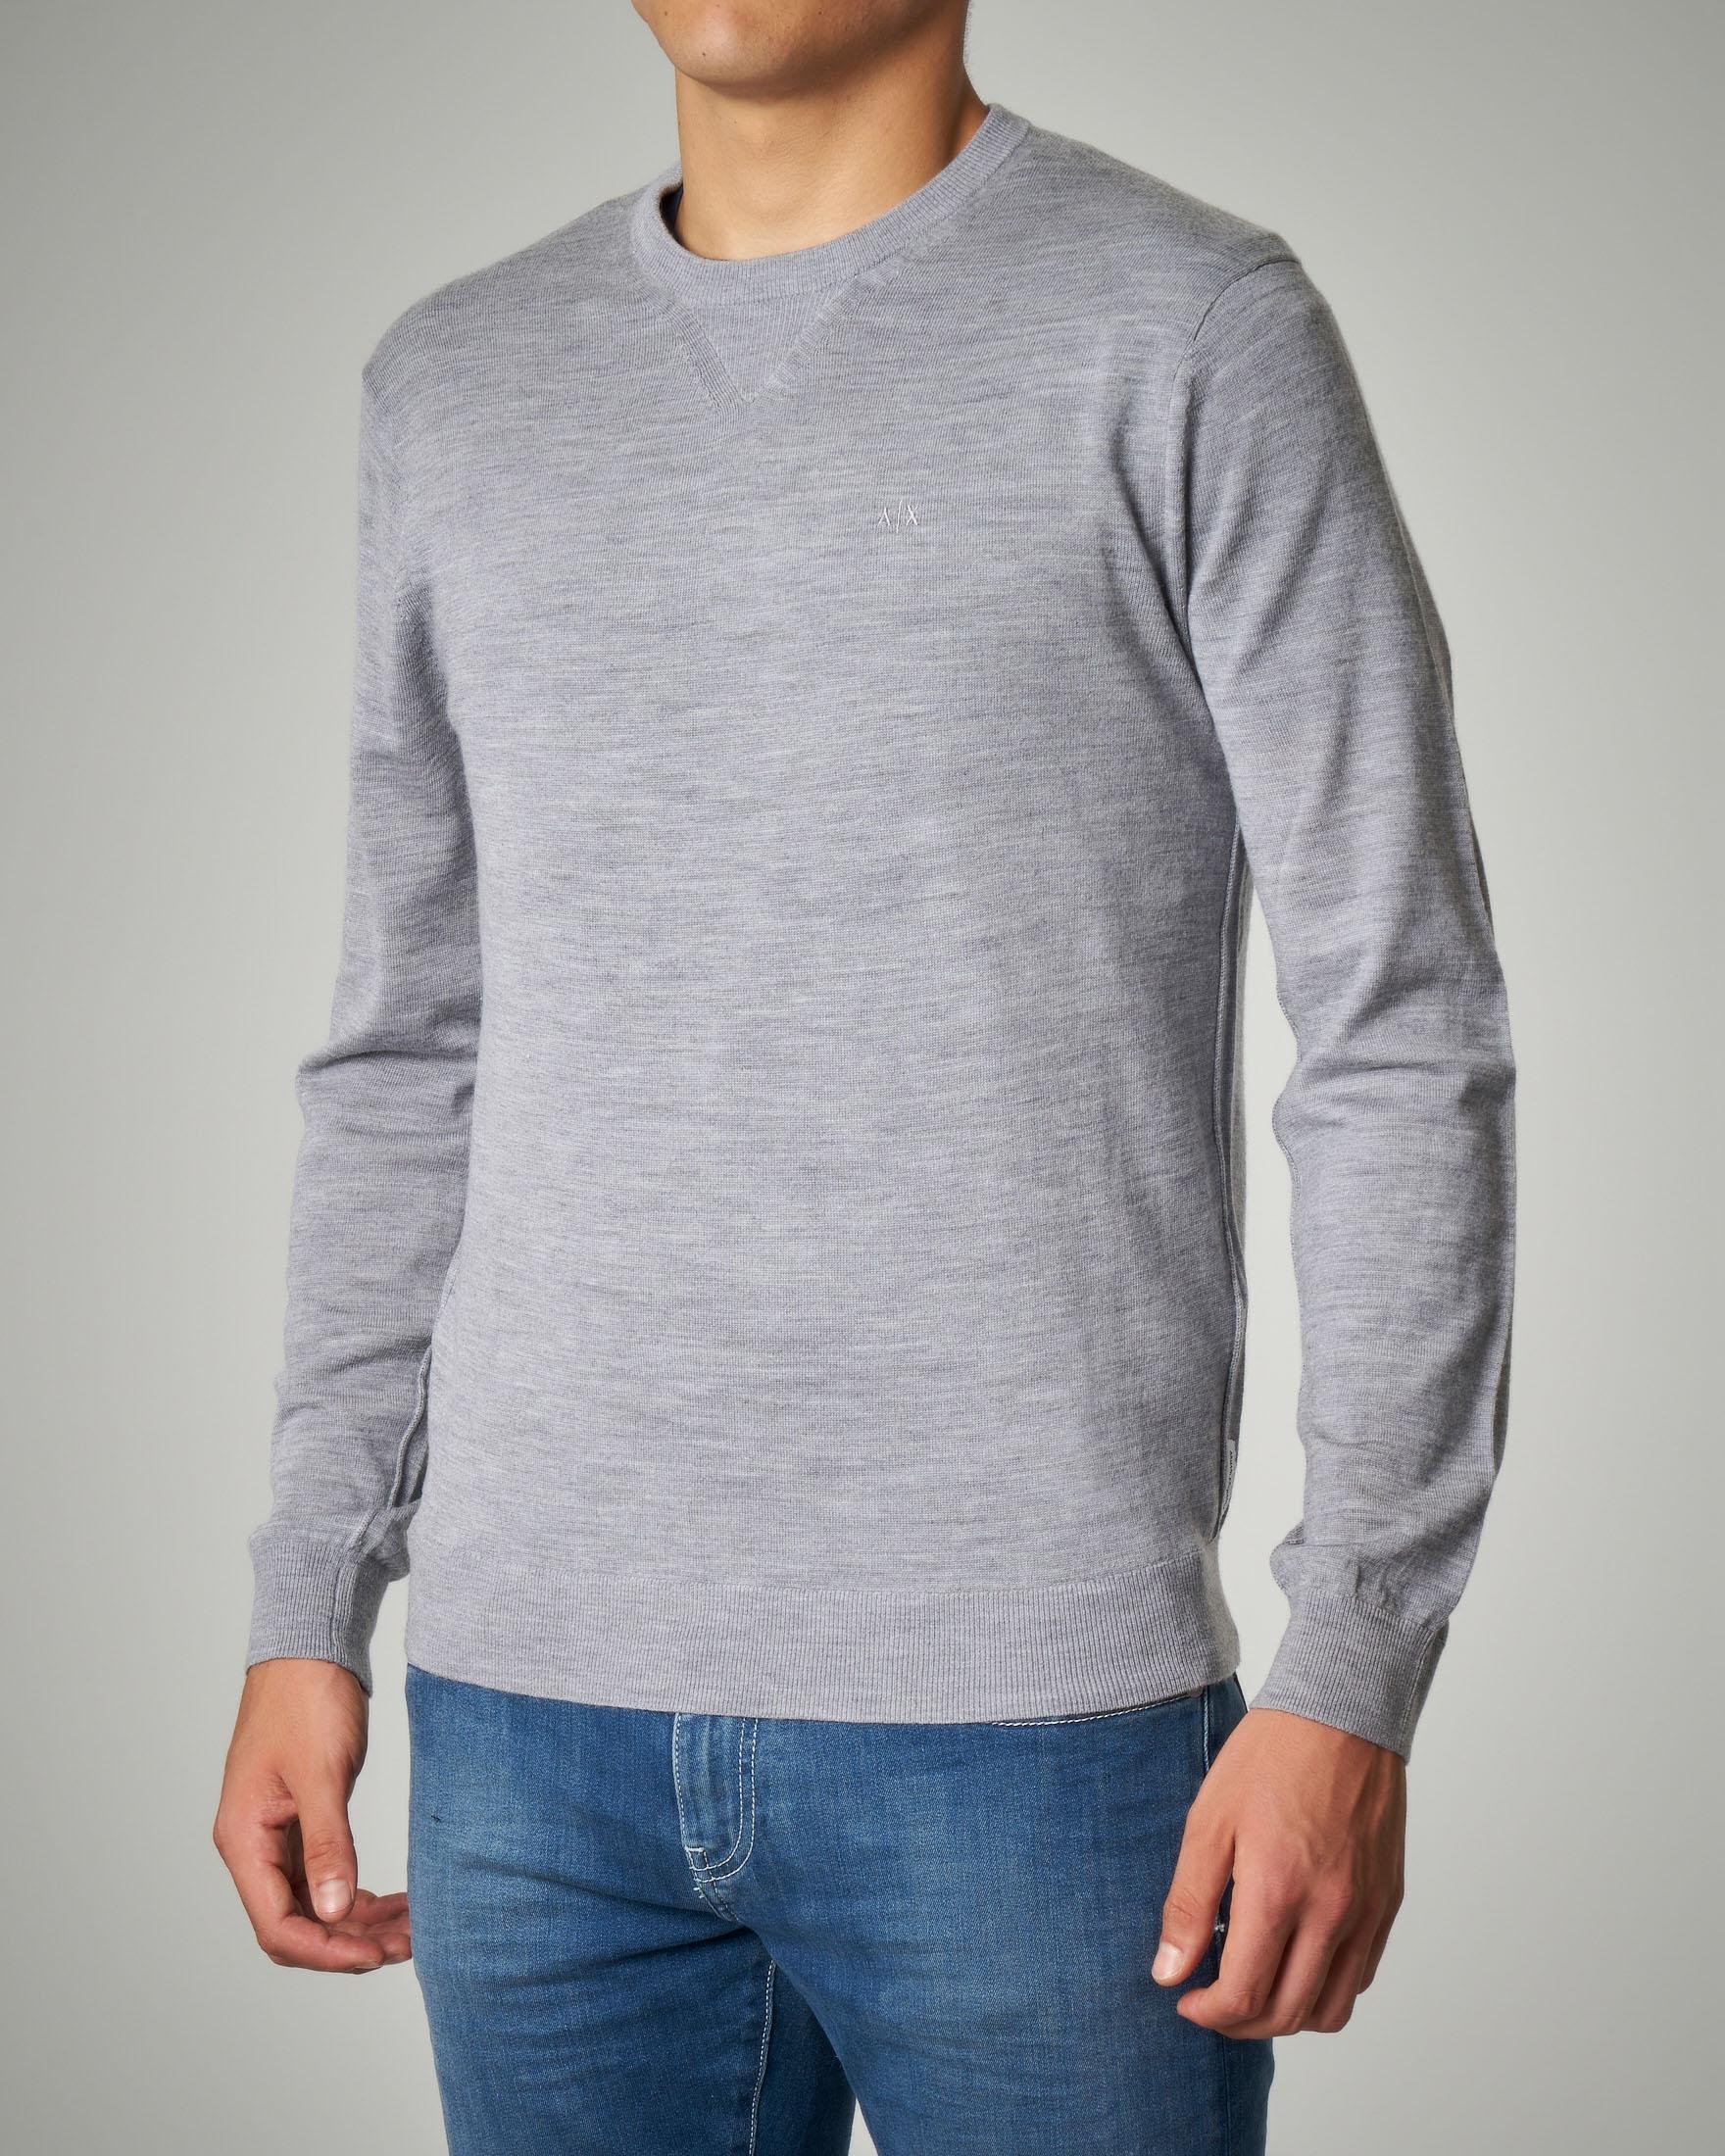 Maglia grigio chiaro in lana con logo